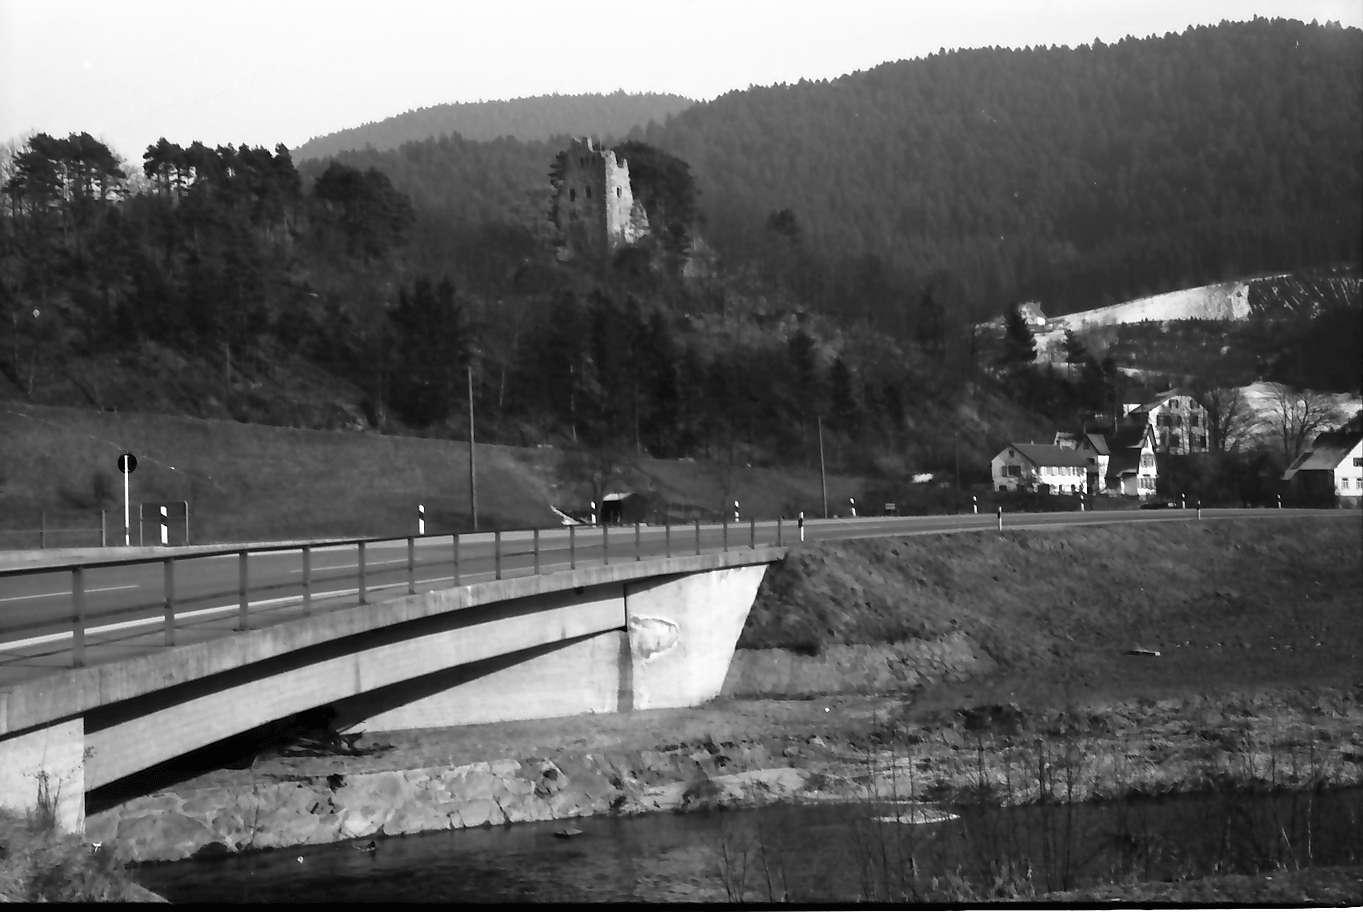 Schenkenzell: Kinzigbrücke der B 294 und Burg Schenkenzell (Schenkenburg), Bild 1